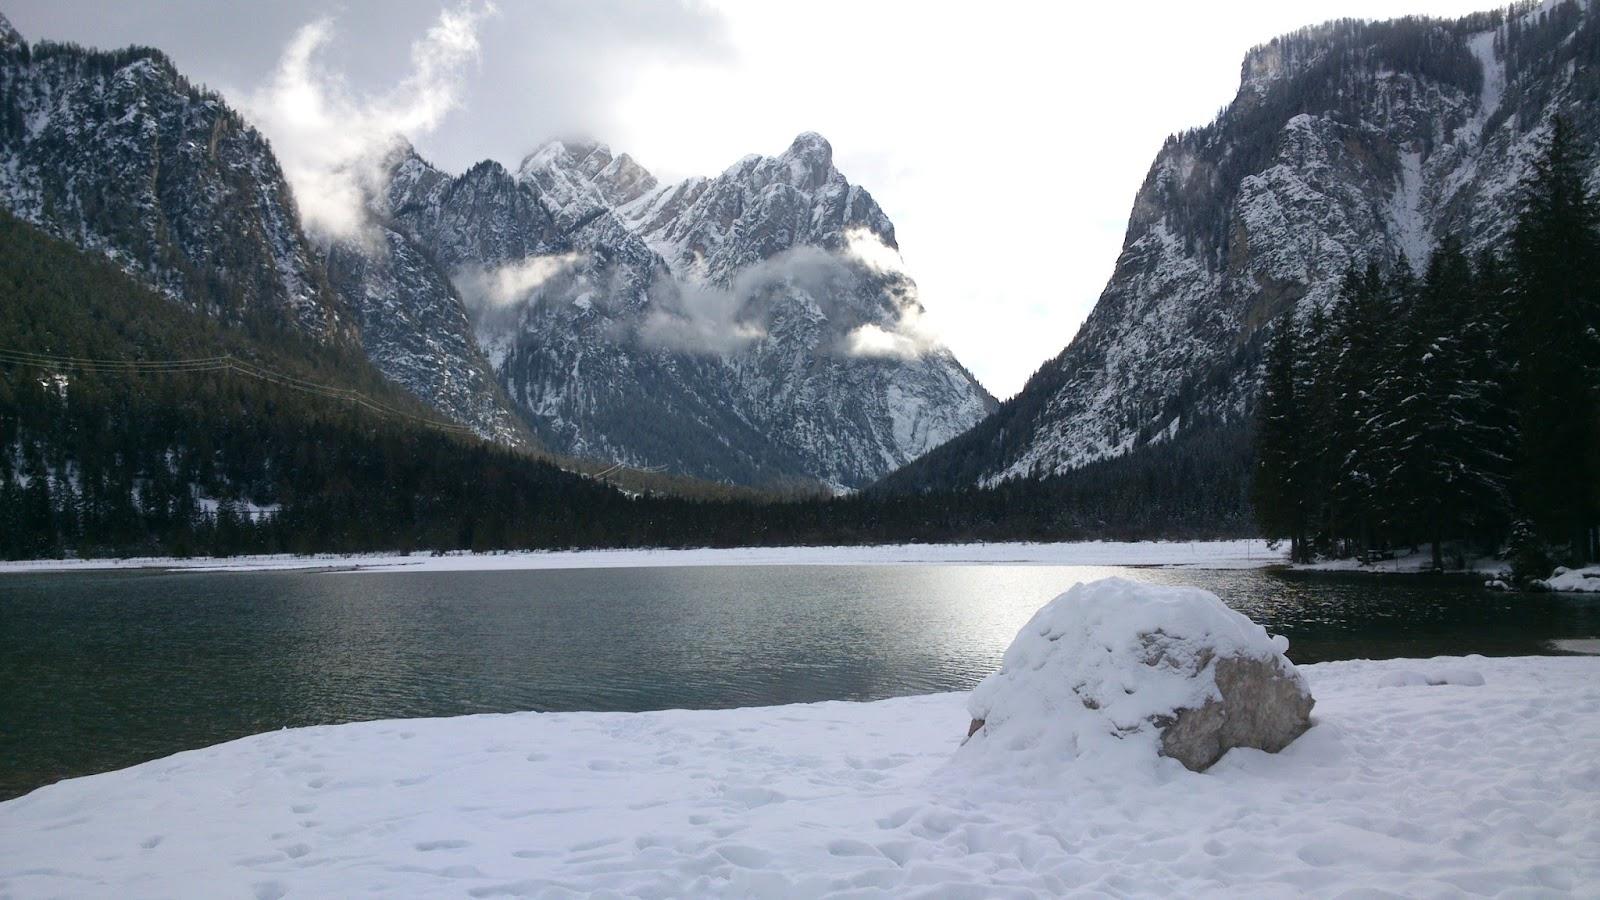 Lago em meio às montanhas nevadas: ilustra a seção a respeito dos textos das linhas de ''Sun / Diminuição'', um dos 64 hexagramas do I Ching, o Livro das Mutações